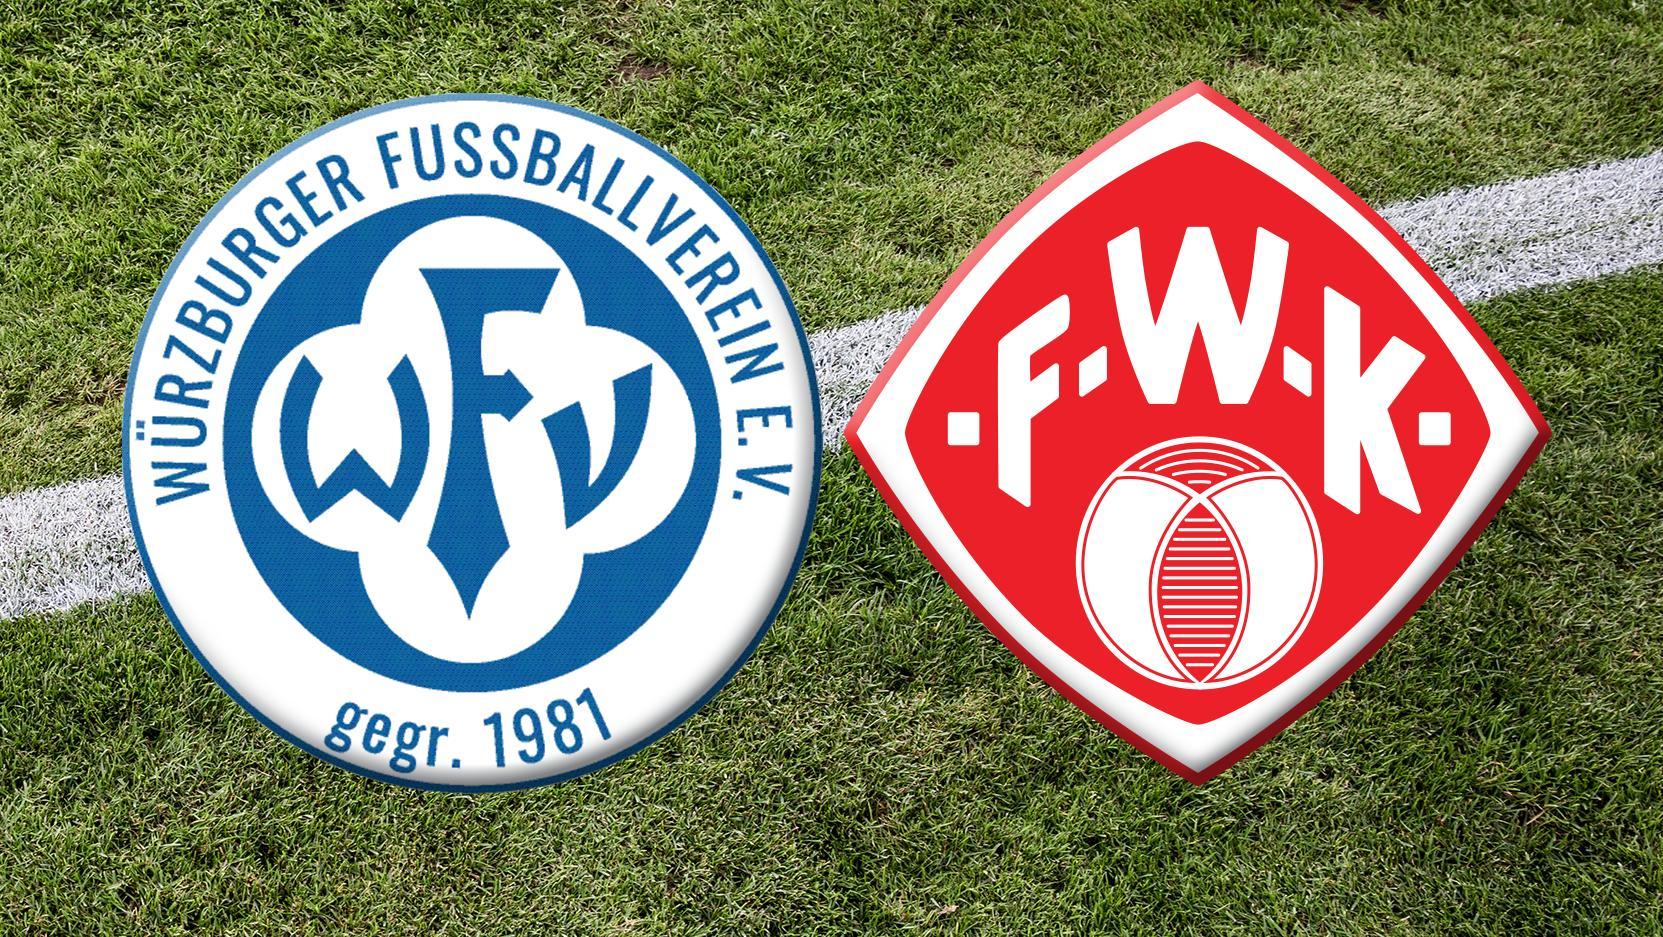 Logos der Fußballvereine Würzburger FV und Würzburger Kickers